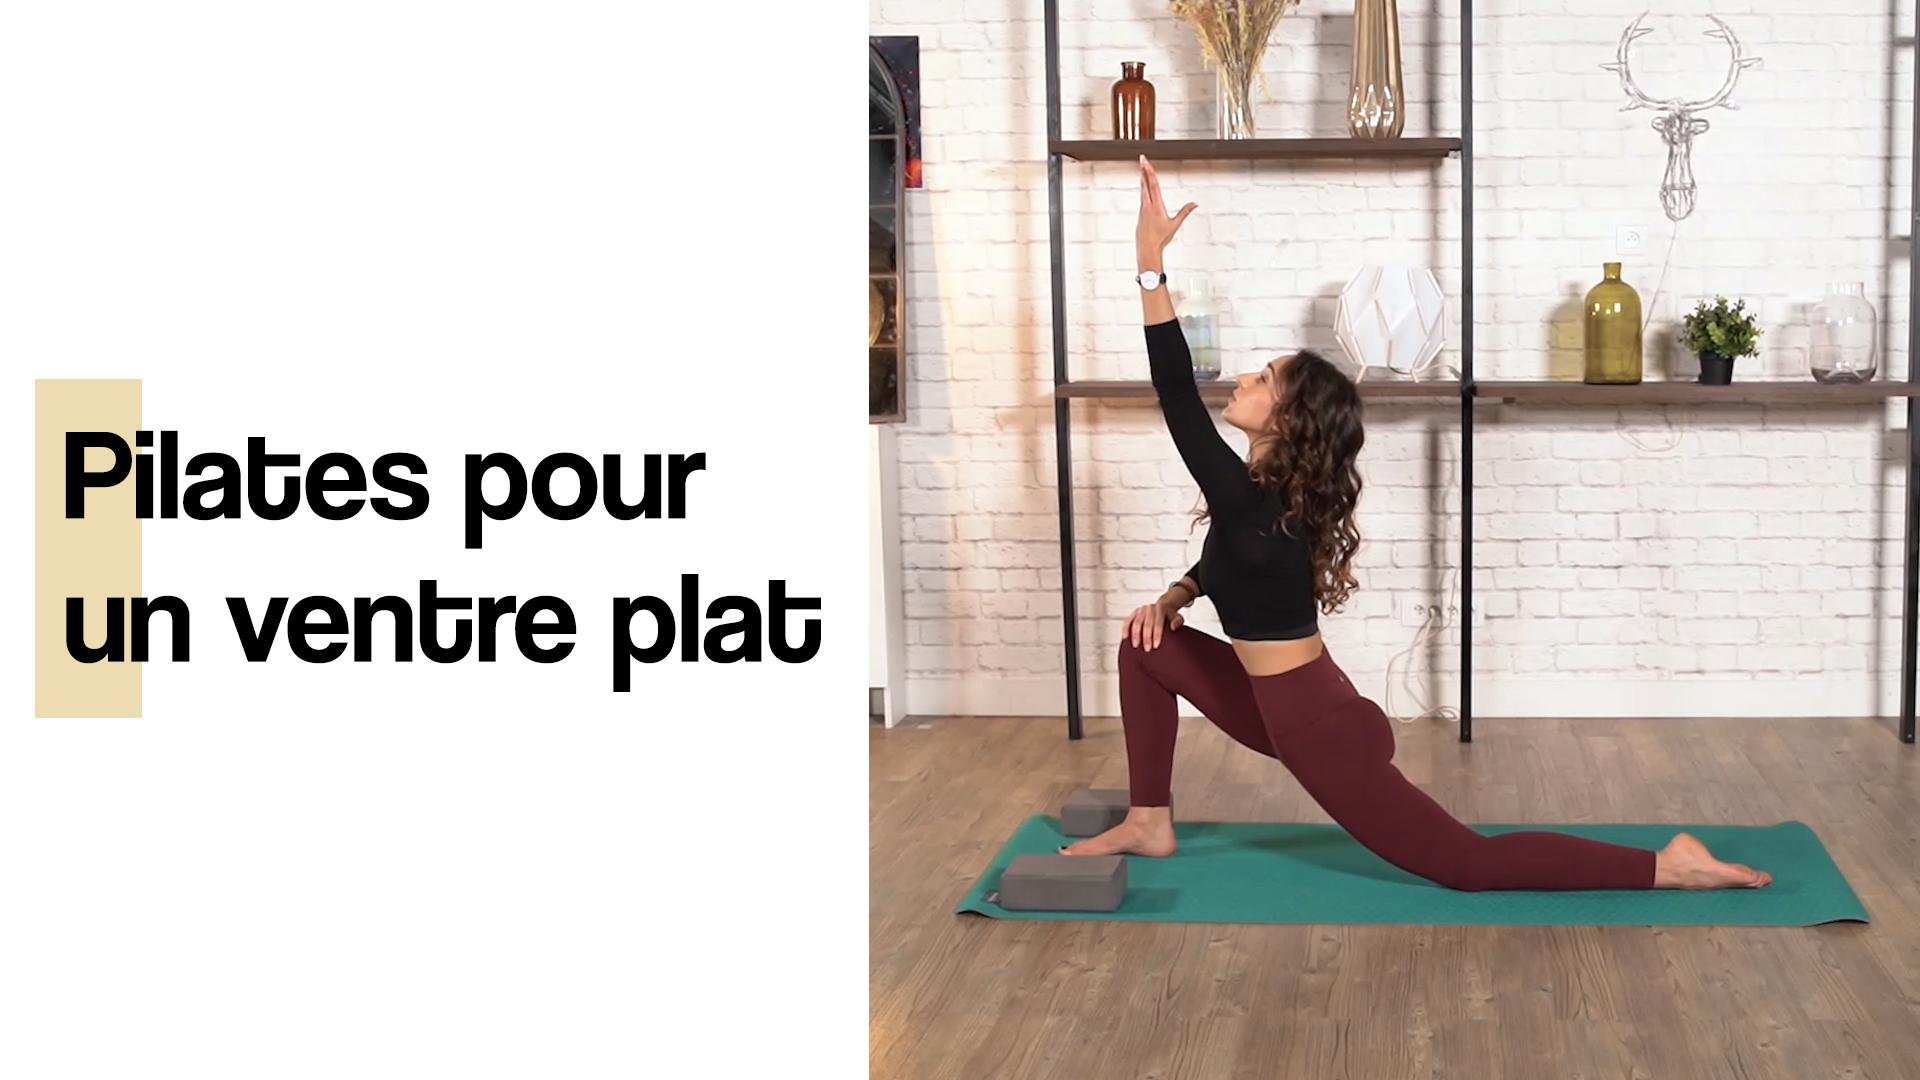 Exercices de pilates ventre plat (30 min)